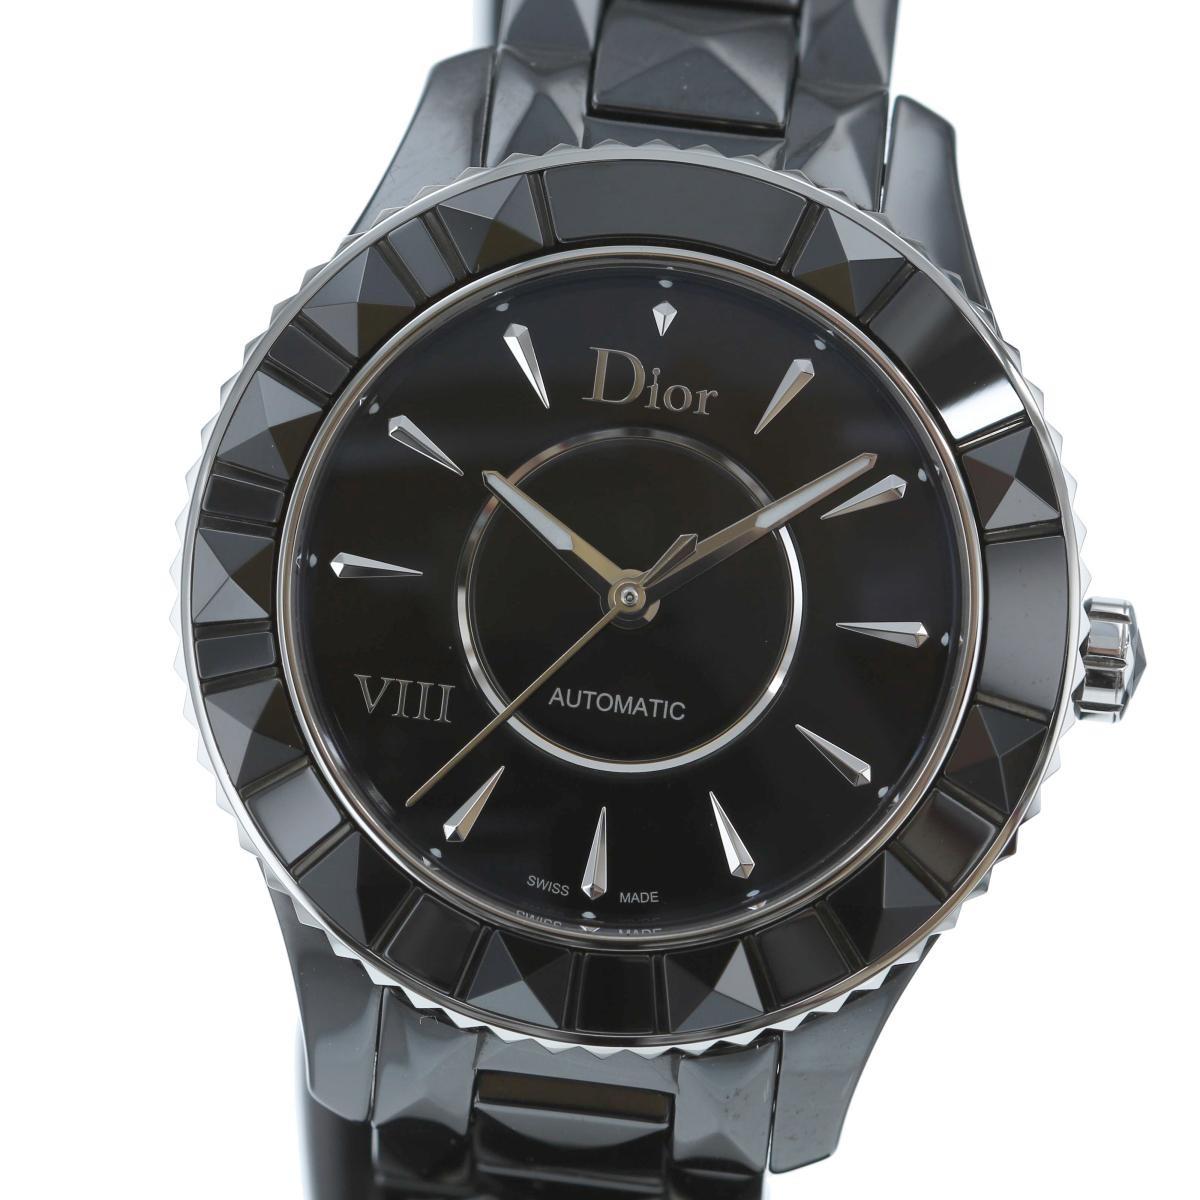 【SALE】【中古】 Dior ディオール VIII 時計 自動巻き/メンズ  Black/ブラック セラミック CD1245EC001 used:A